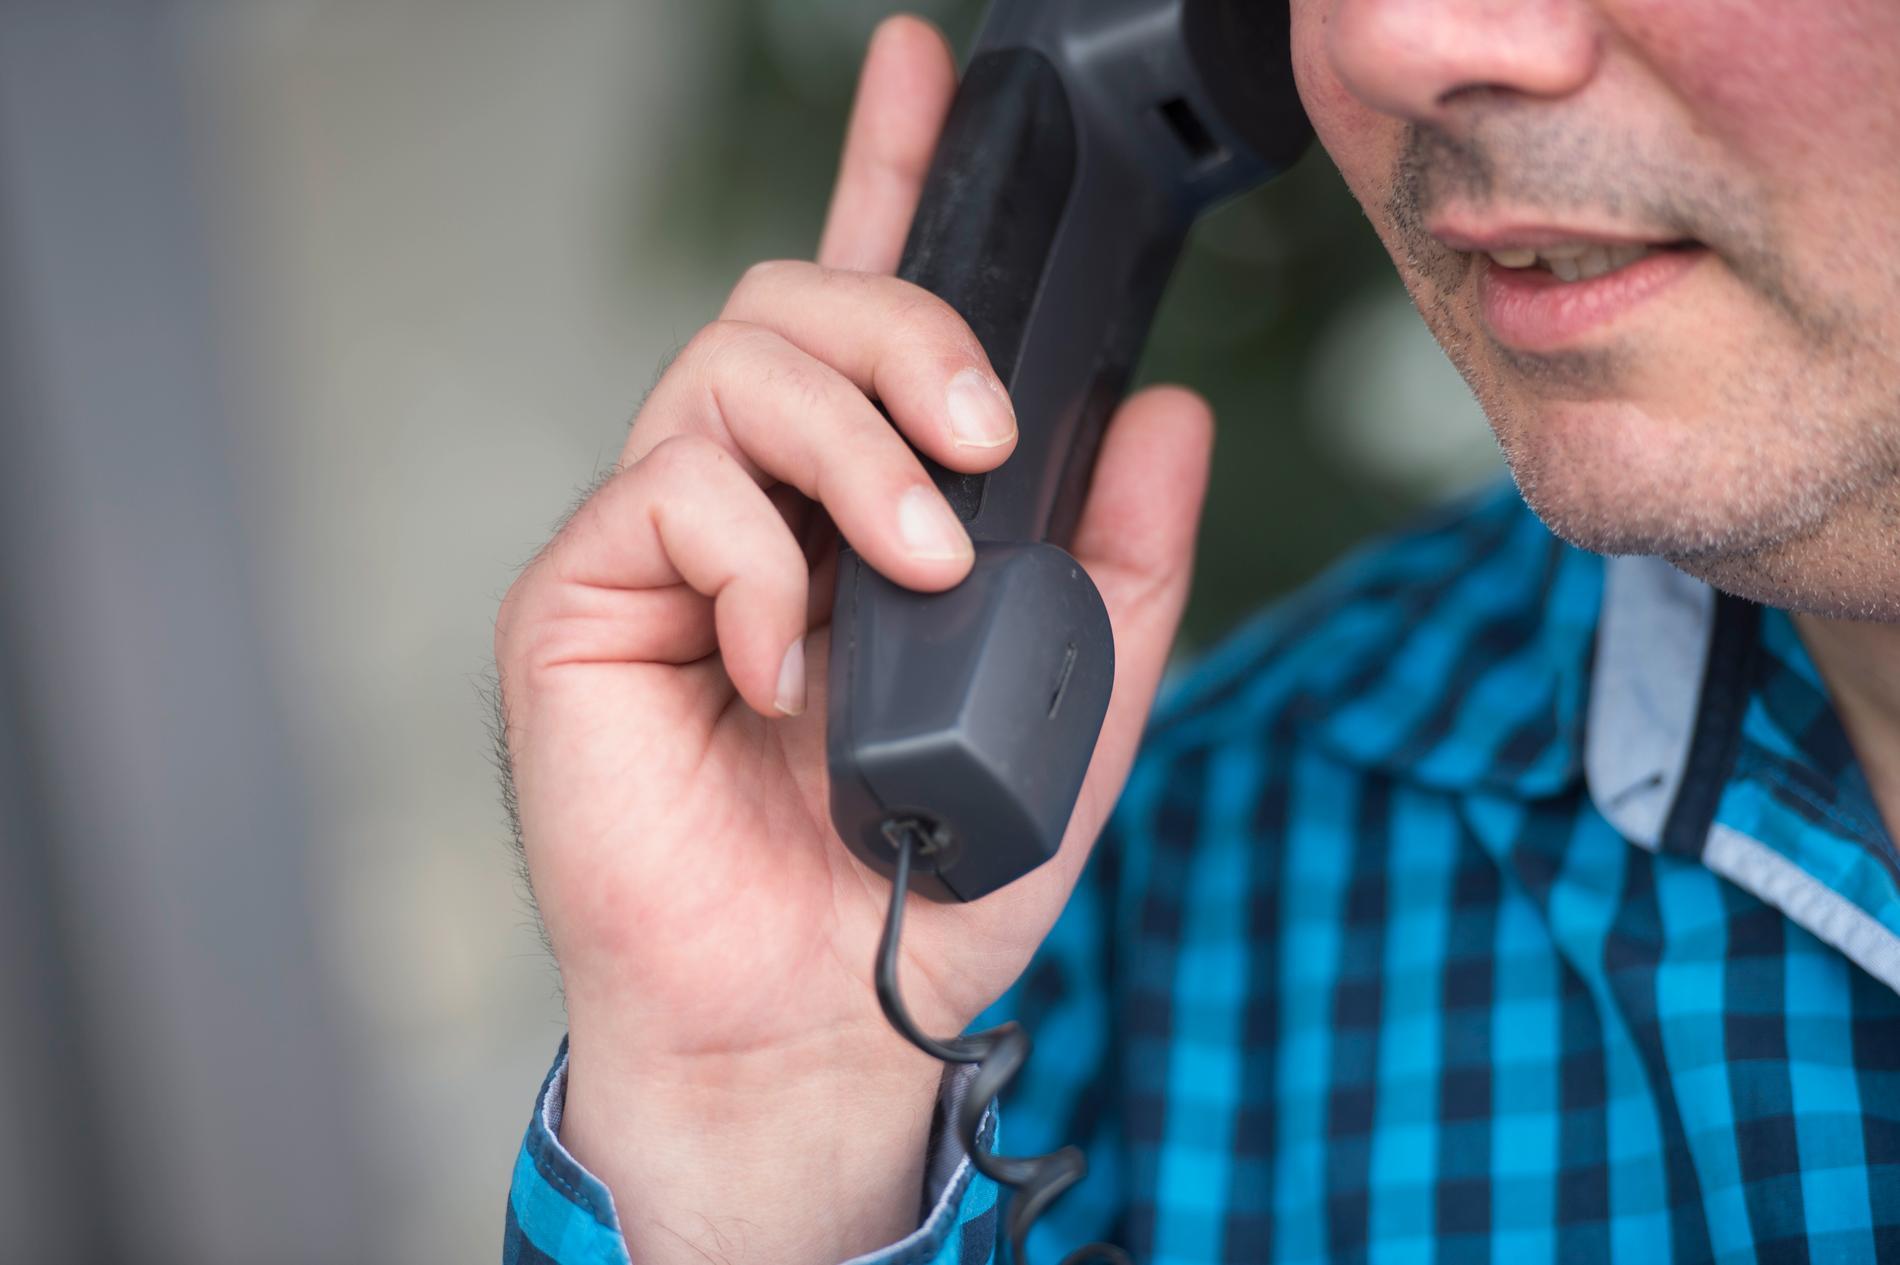 En anställd på Skatteverket tillbringade 55 timmar i telefon med sig själv för att slippa jobba. Arkivbild.